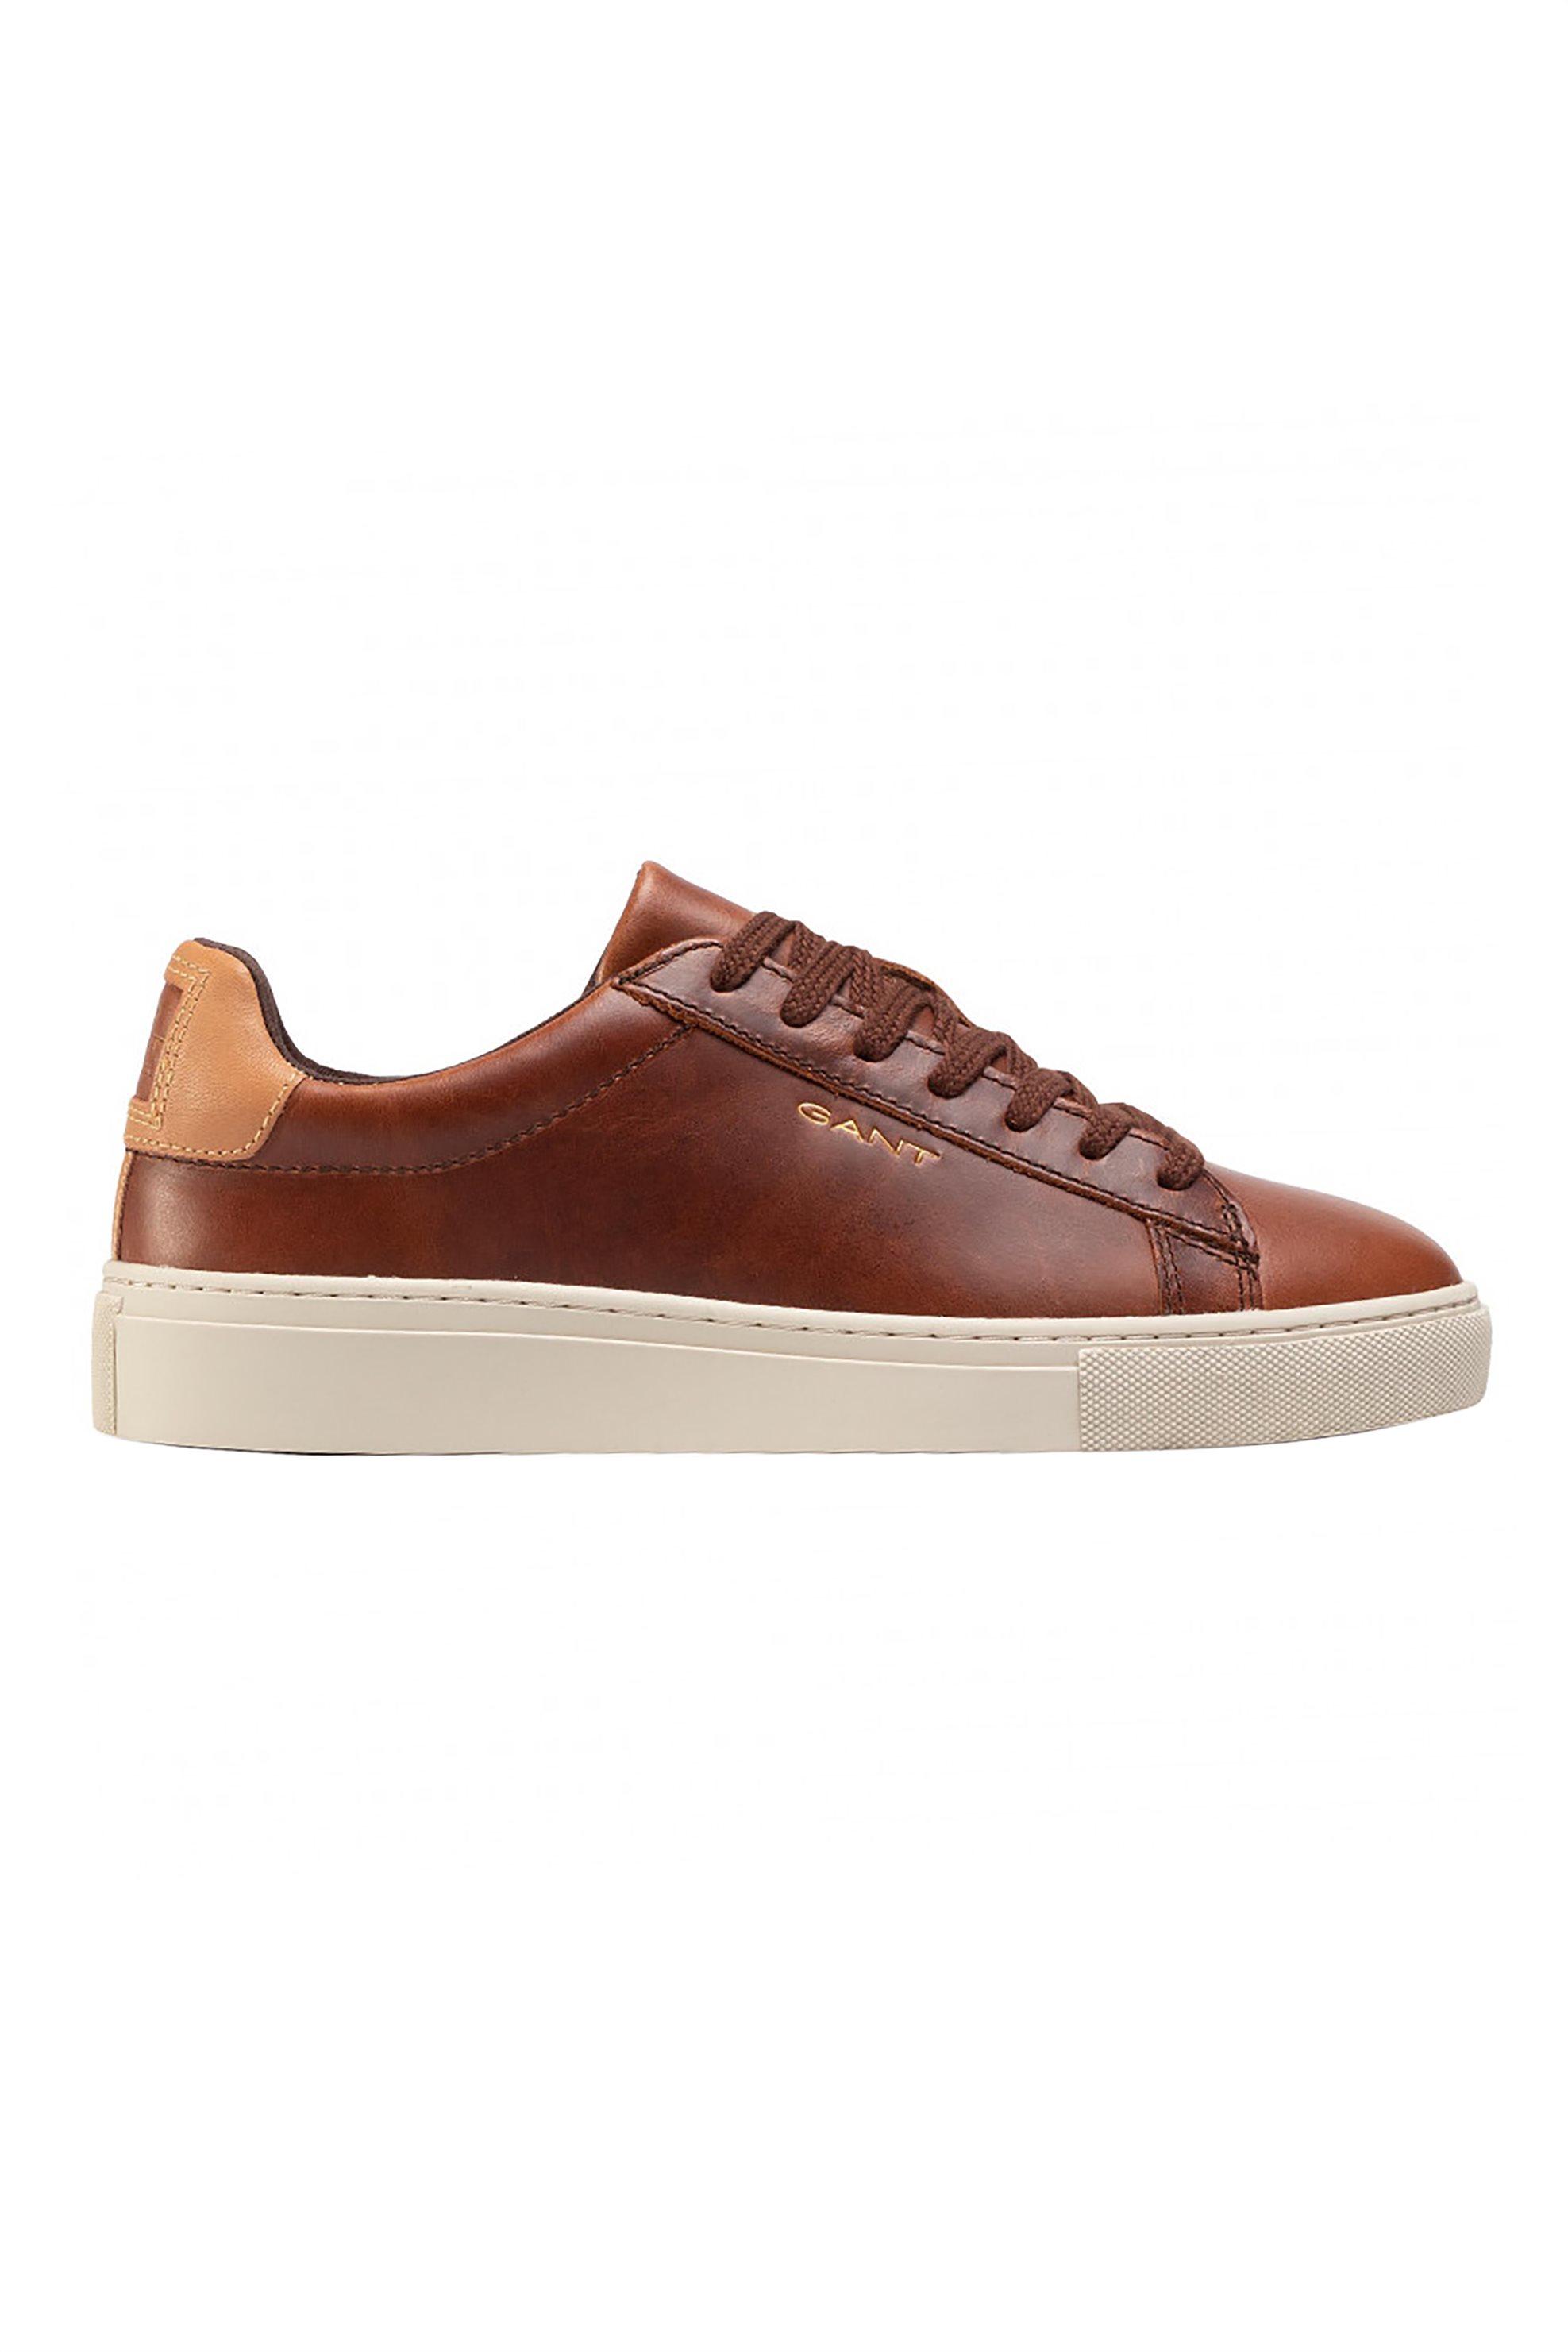 """Gant ανδρικά δερμάτινα sneakers με κορδόνια """"Mc Julien"""" – 21631864 – Ταμπά"""